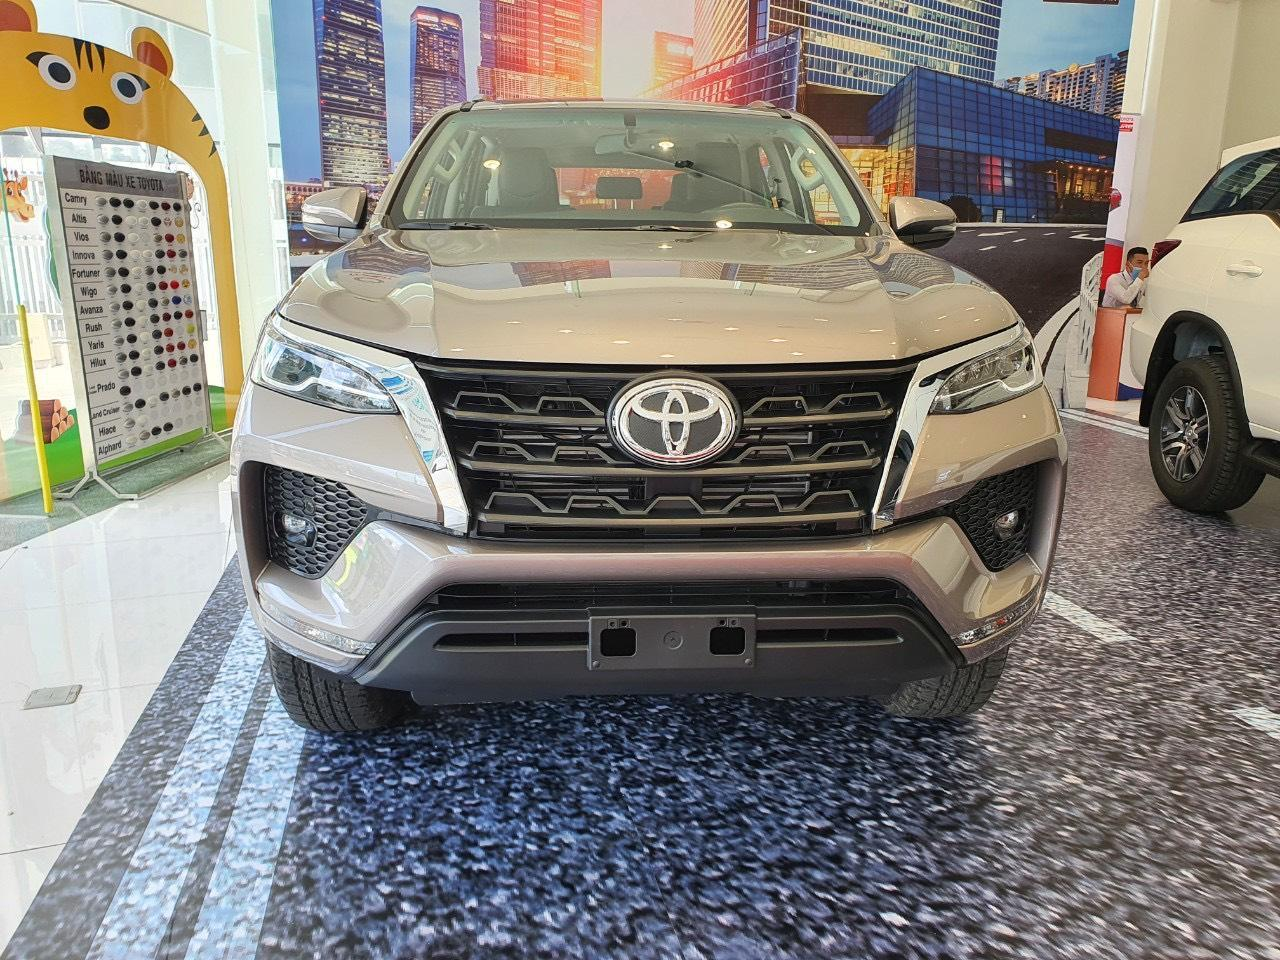 Chi tiết xe Toyota Fortuner 4x4 2.7 AT 2022 – Chưa xứng với giá tiền!